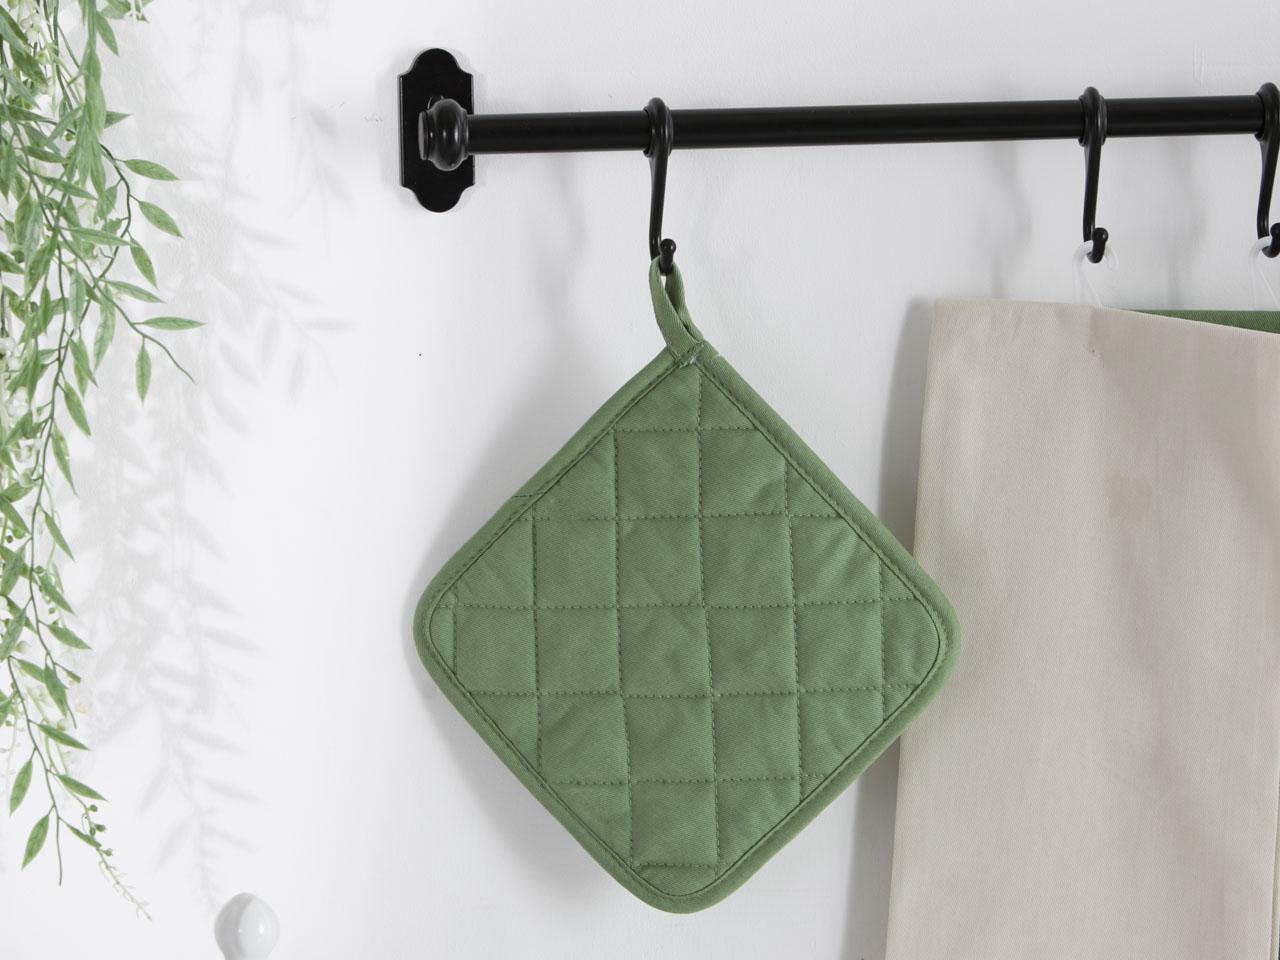 Łapka kuchenna 100% bawełna Altom Design kolekcja Monokolor zielona